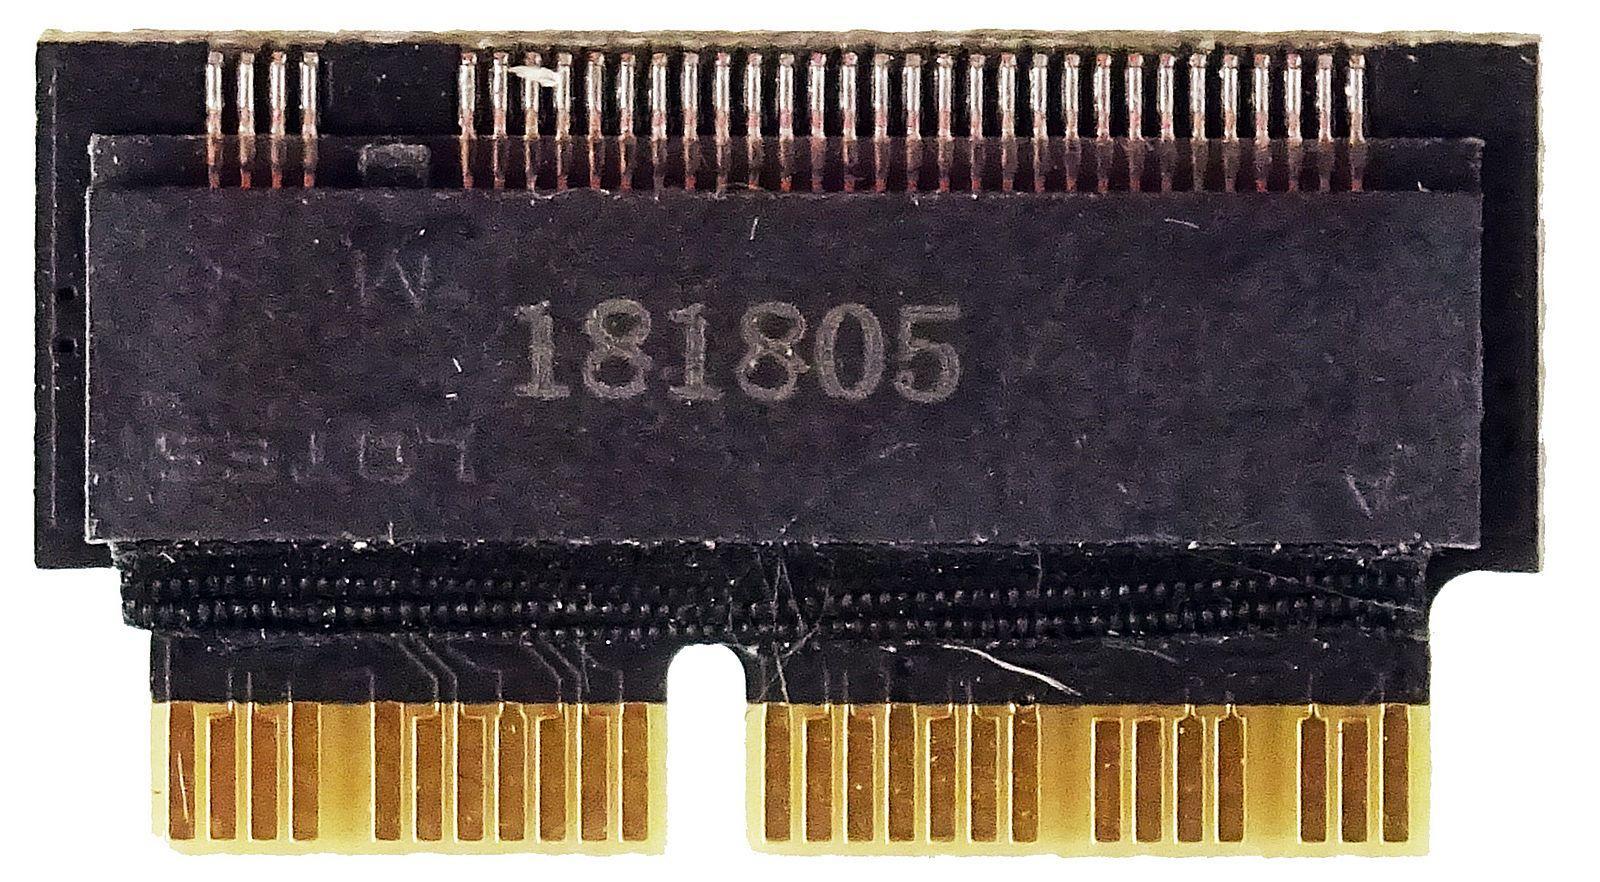 M.2 (NGFF) PCIe SSD Card as 2013 2014 2015 MacBook SSD